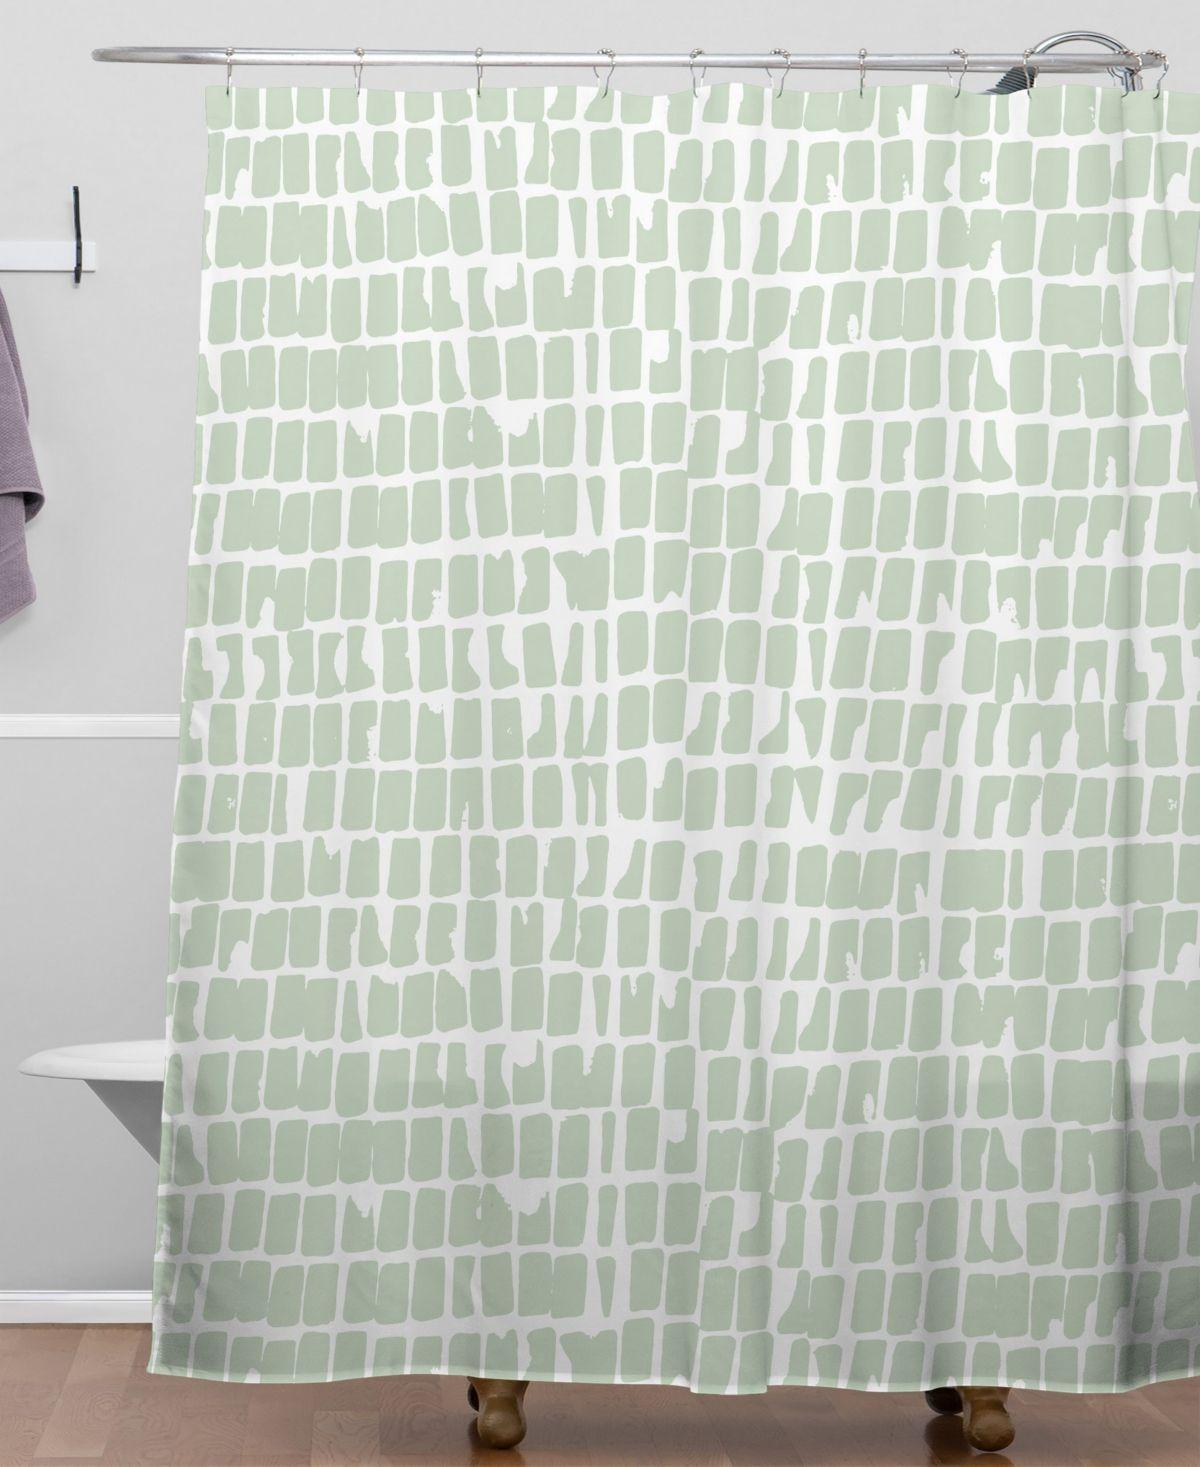 Deny Designs Iveta Abolina Cobbler Square Sage Shower Curtain